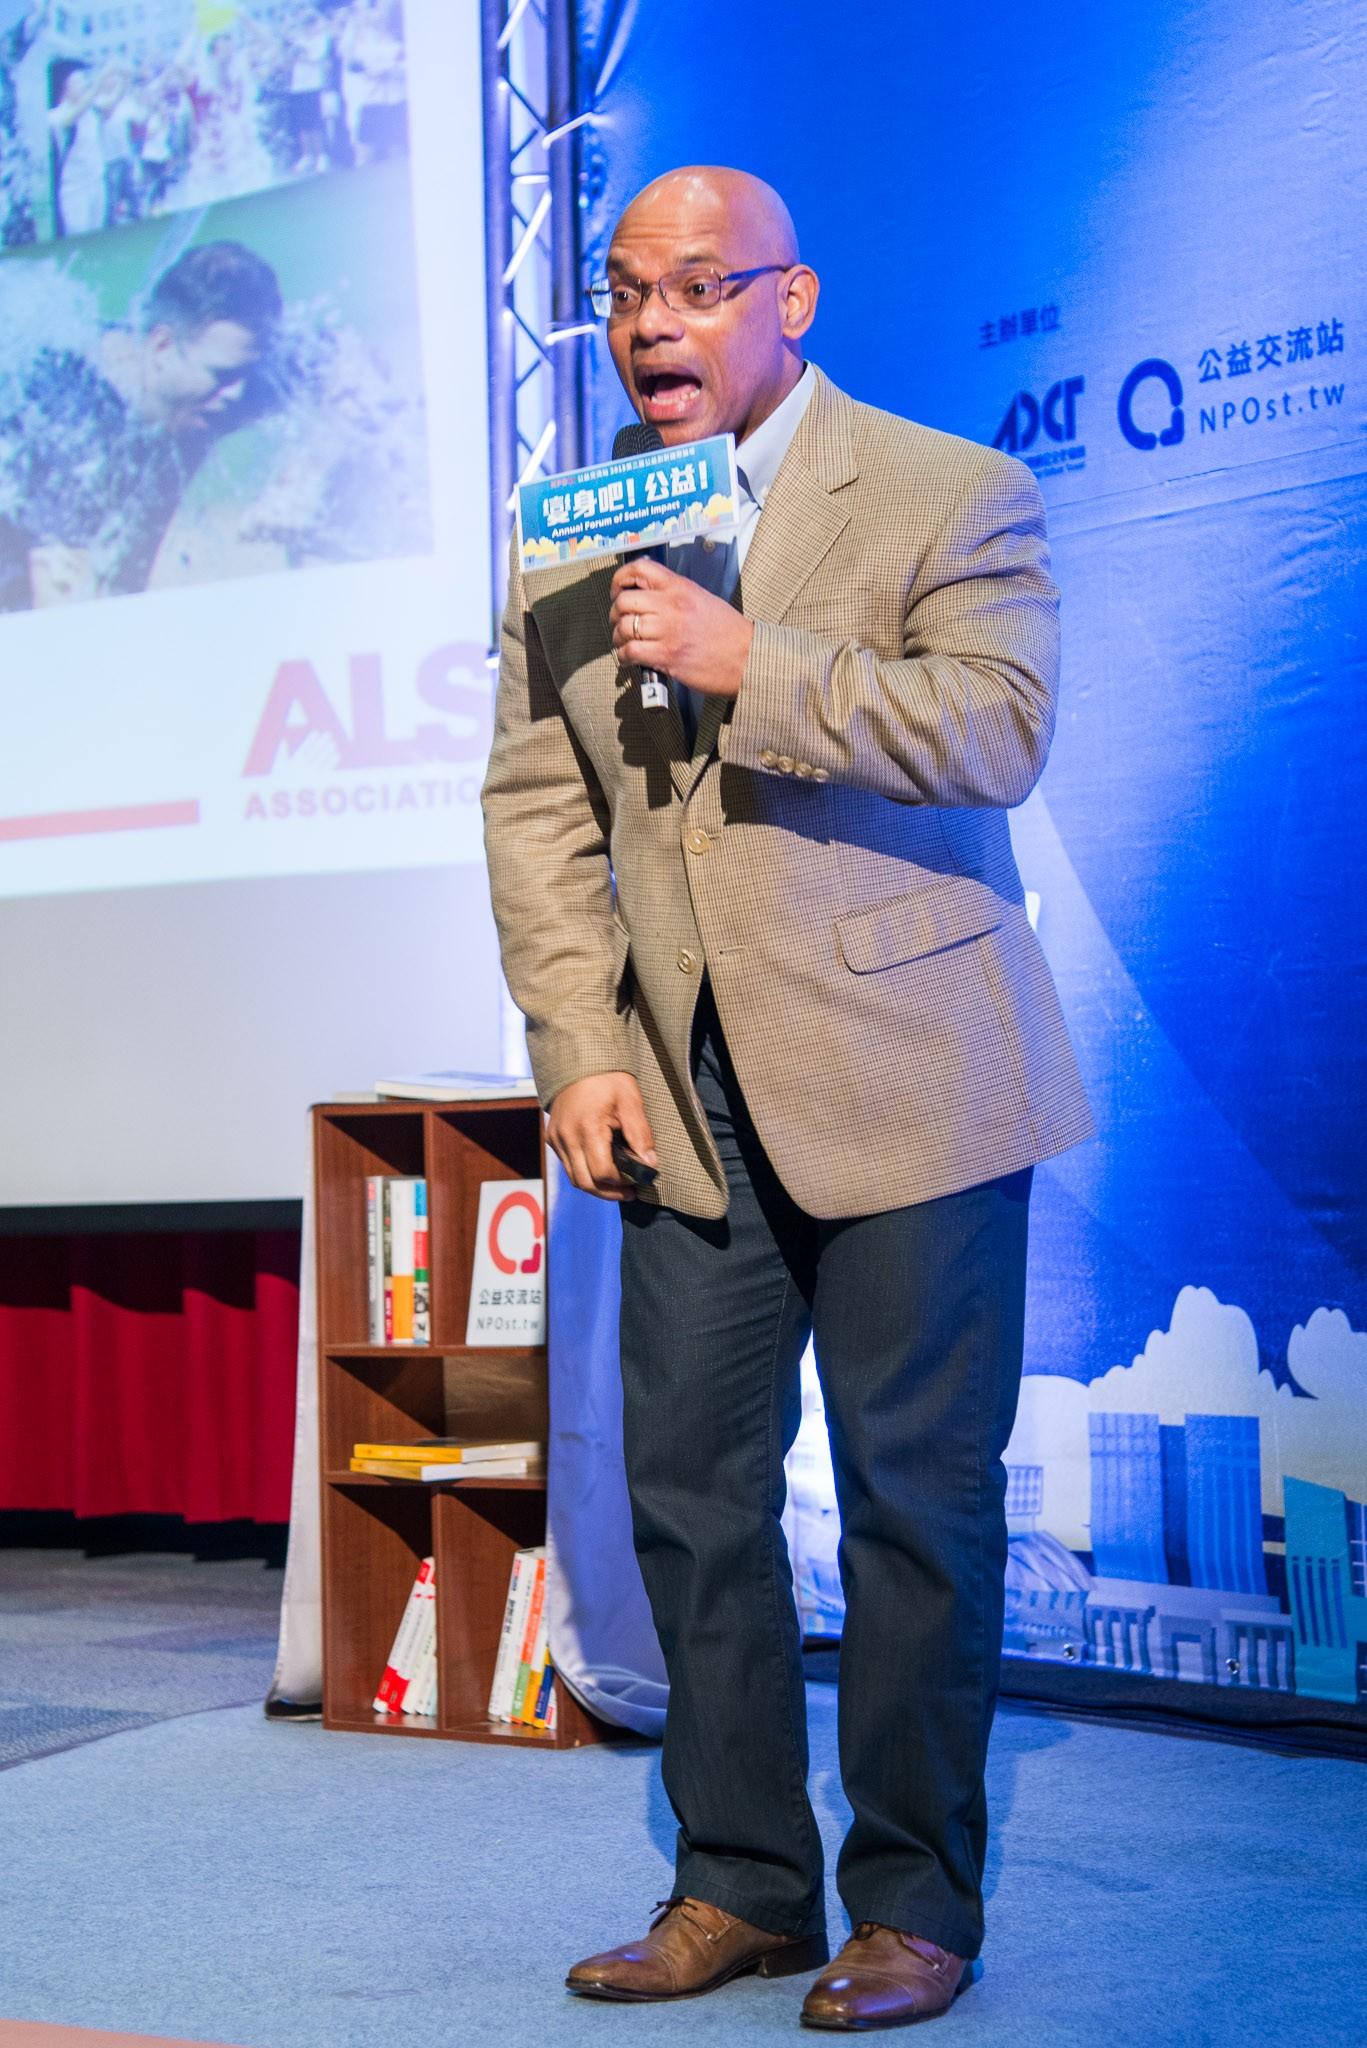 美國漸凍人協會組織發展部總監 Lance Slaughter 感謝在「變身吧!公益」所有有參與冰桶挑戰的聽眾們。